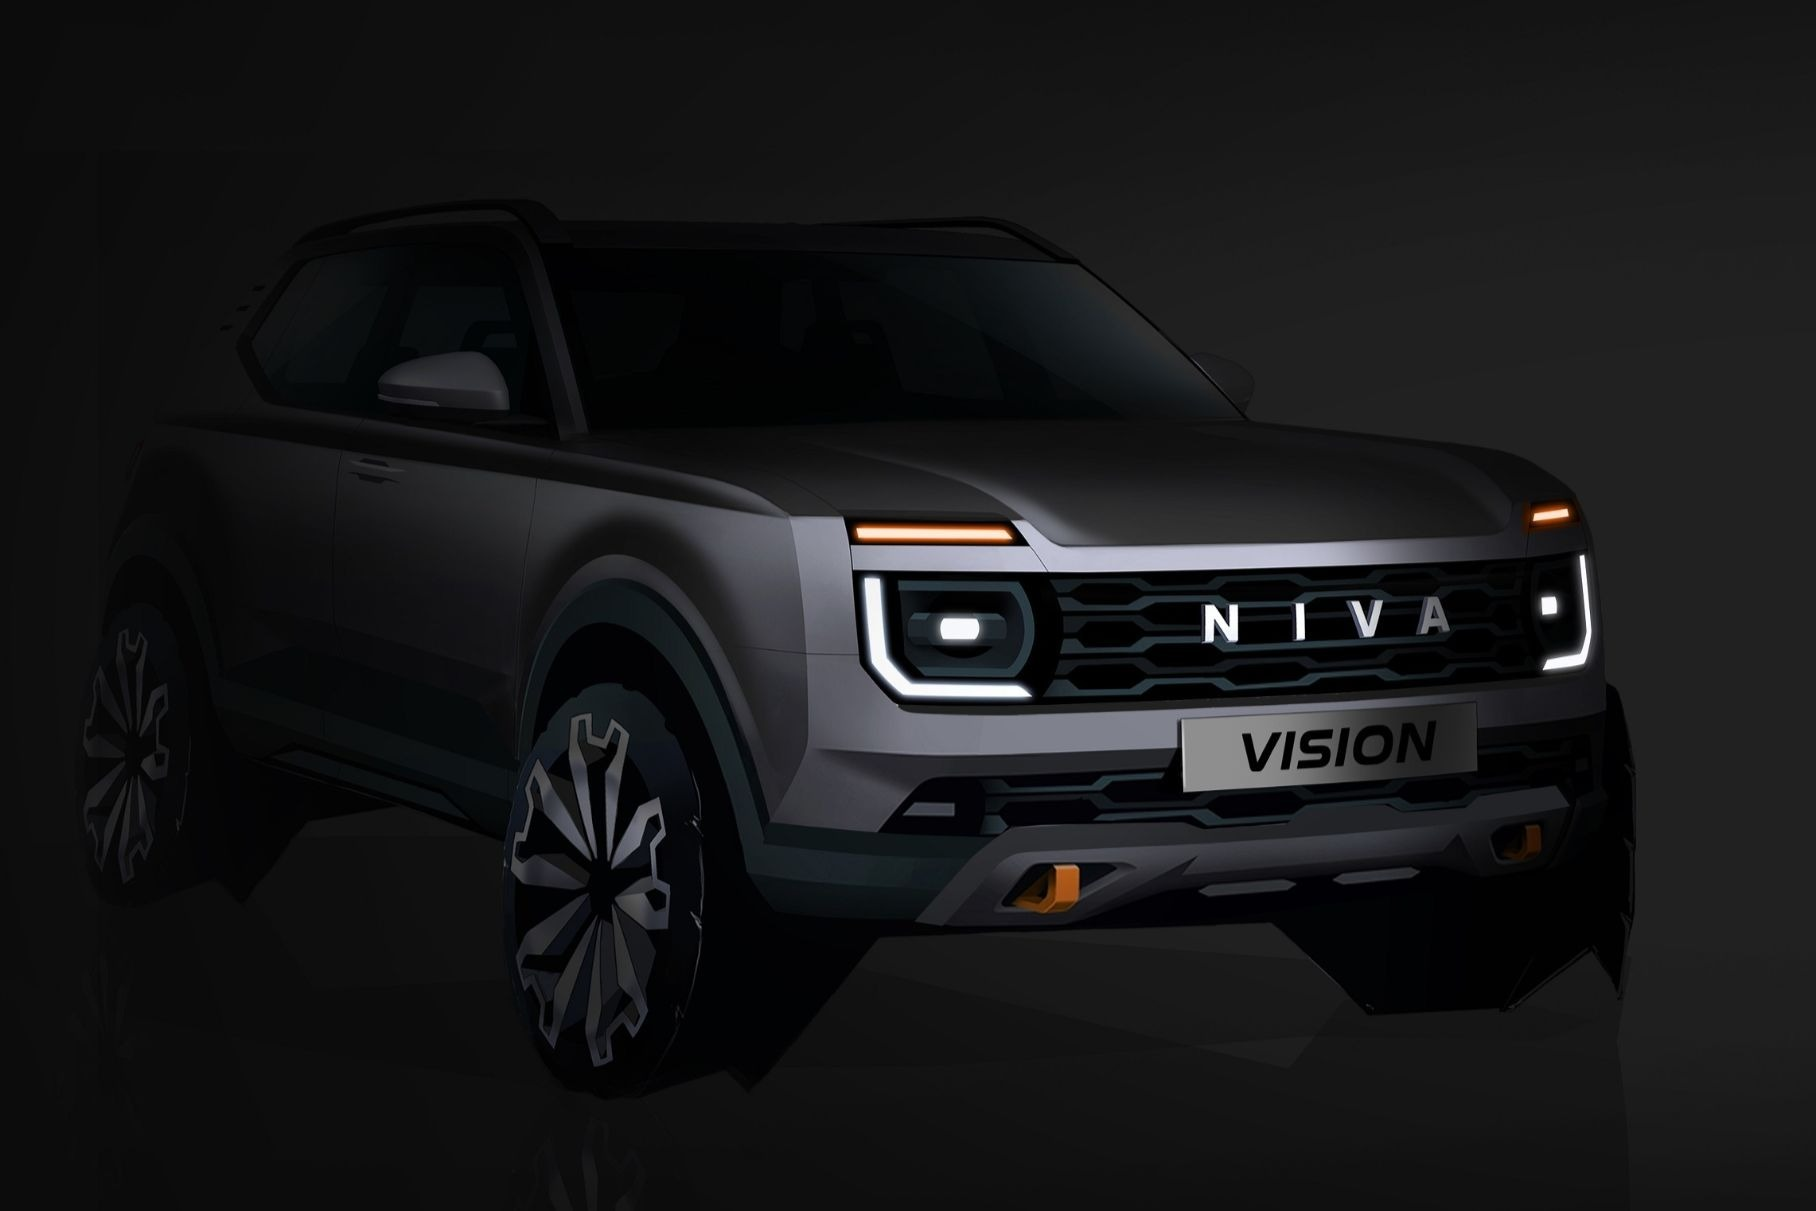 Lada Niva нового поколения: опубликовано первое изображение